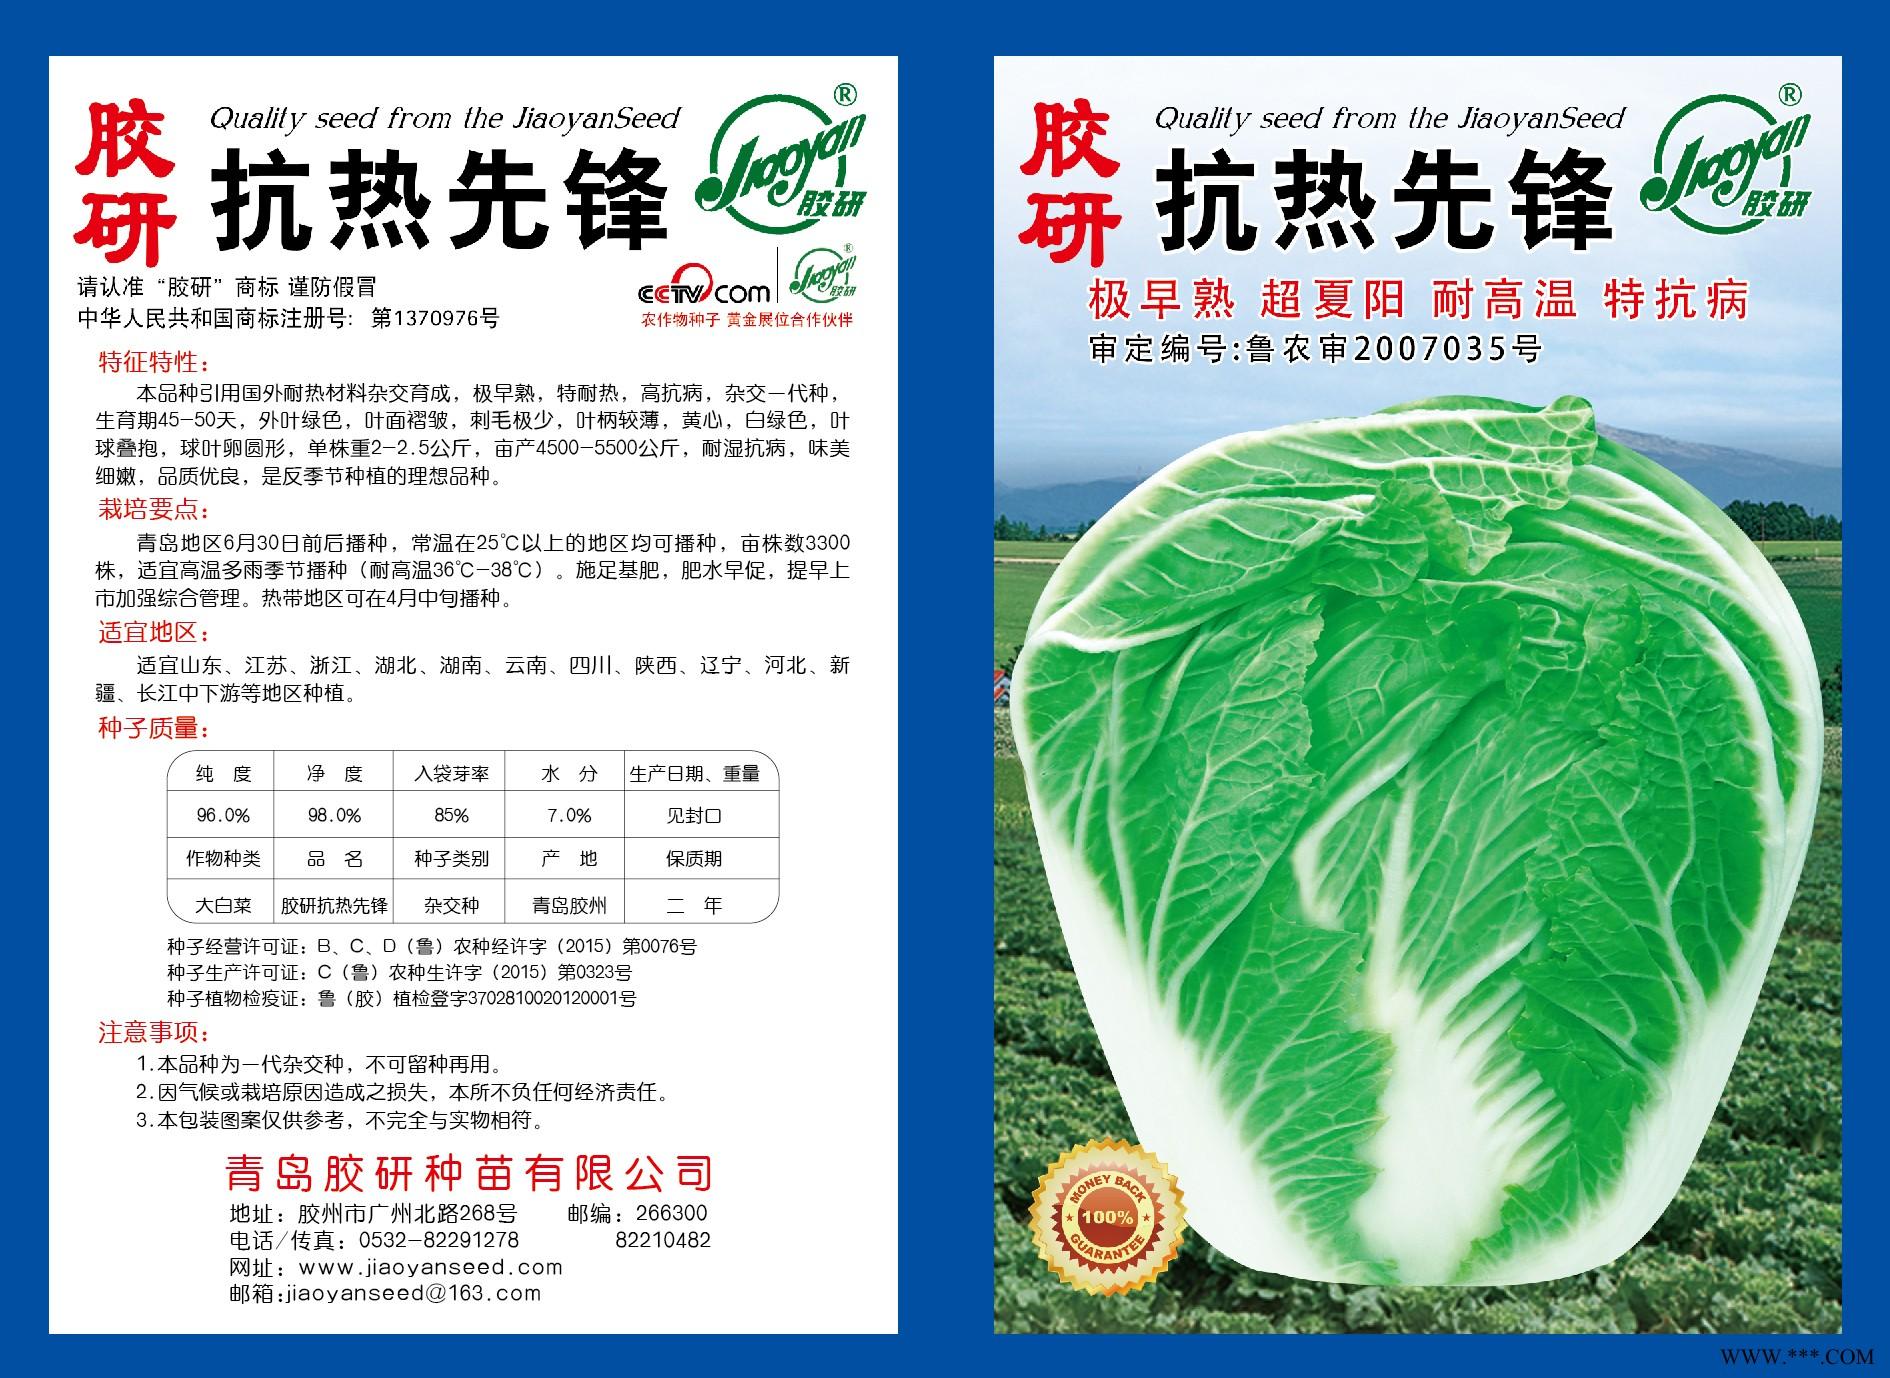 供应胶研抗热先锋-白菜种子